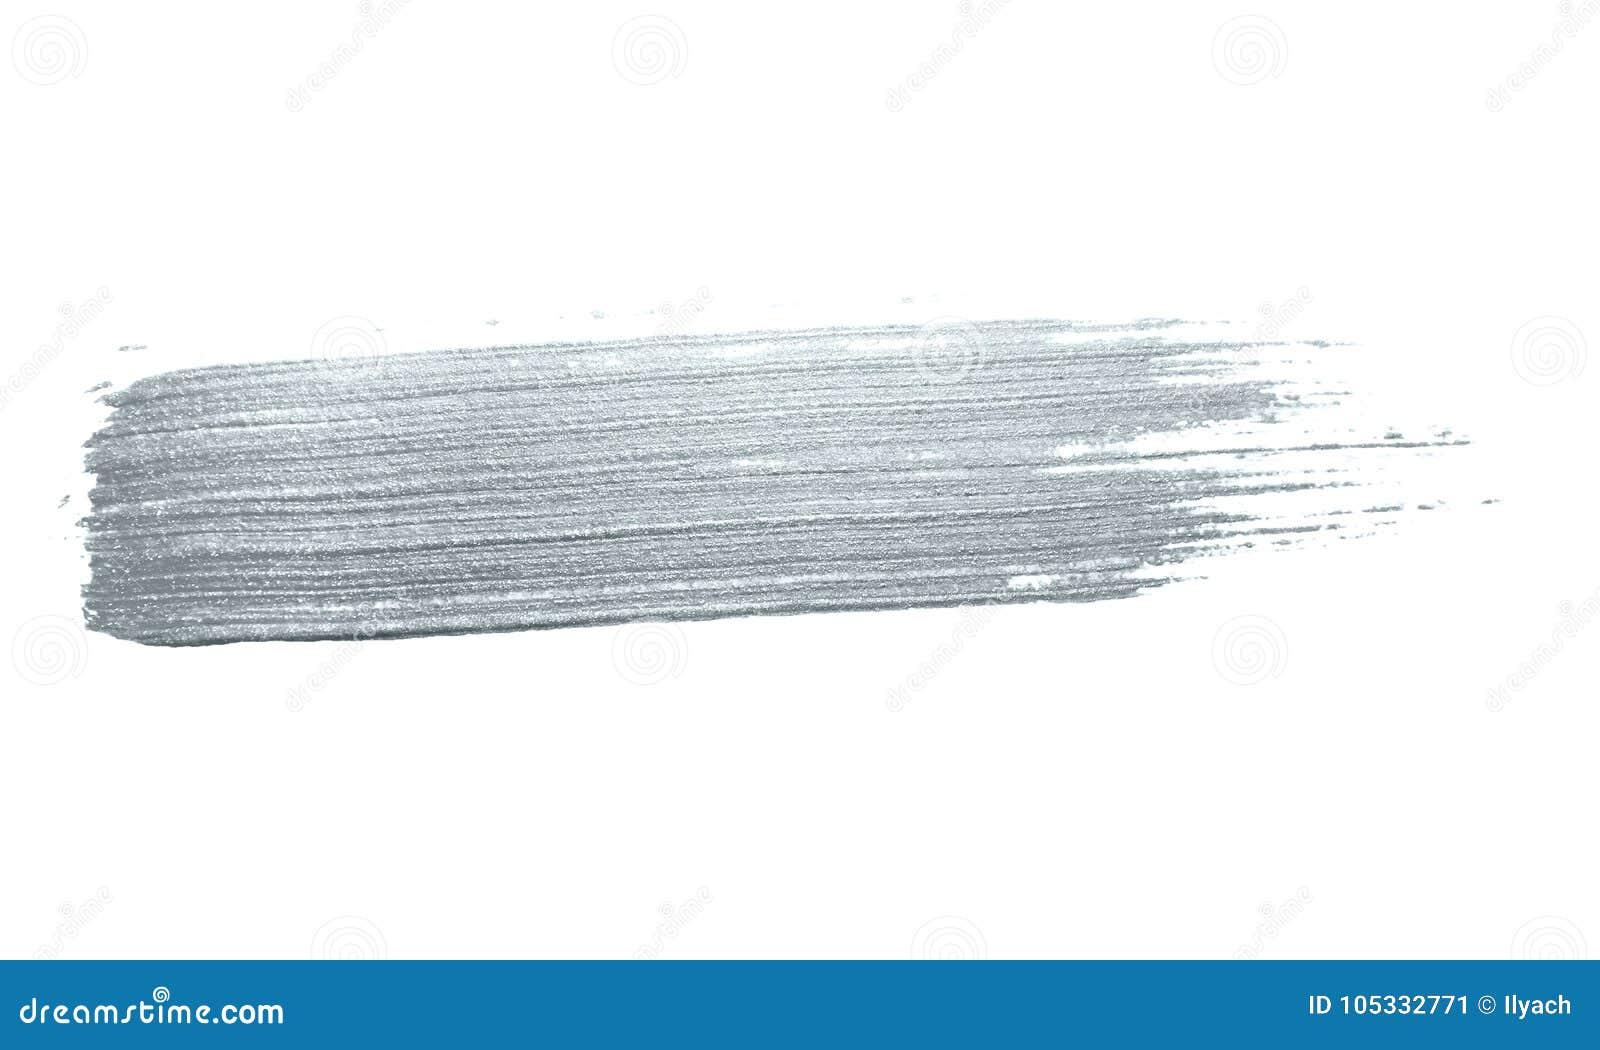 Το ασήμι ακτινοβολεί κτύπημα βουρτσών χρωμάτων ή αφηρημένη κηλίδα κτυπημάτων με smudge τη σύσταση στο άσπρο υπόβαθρο για το σχέδι